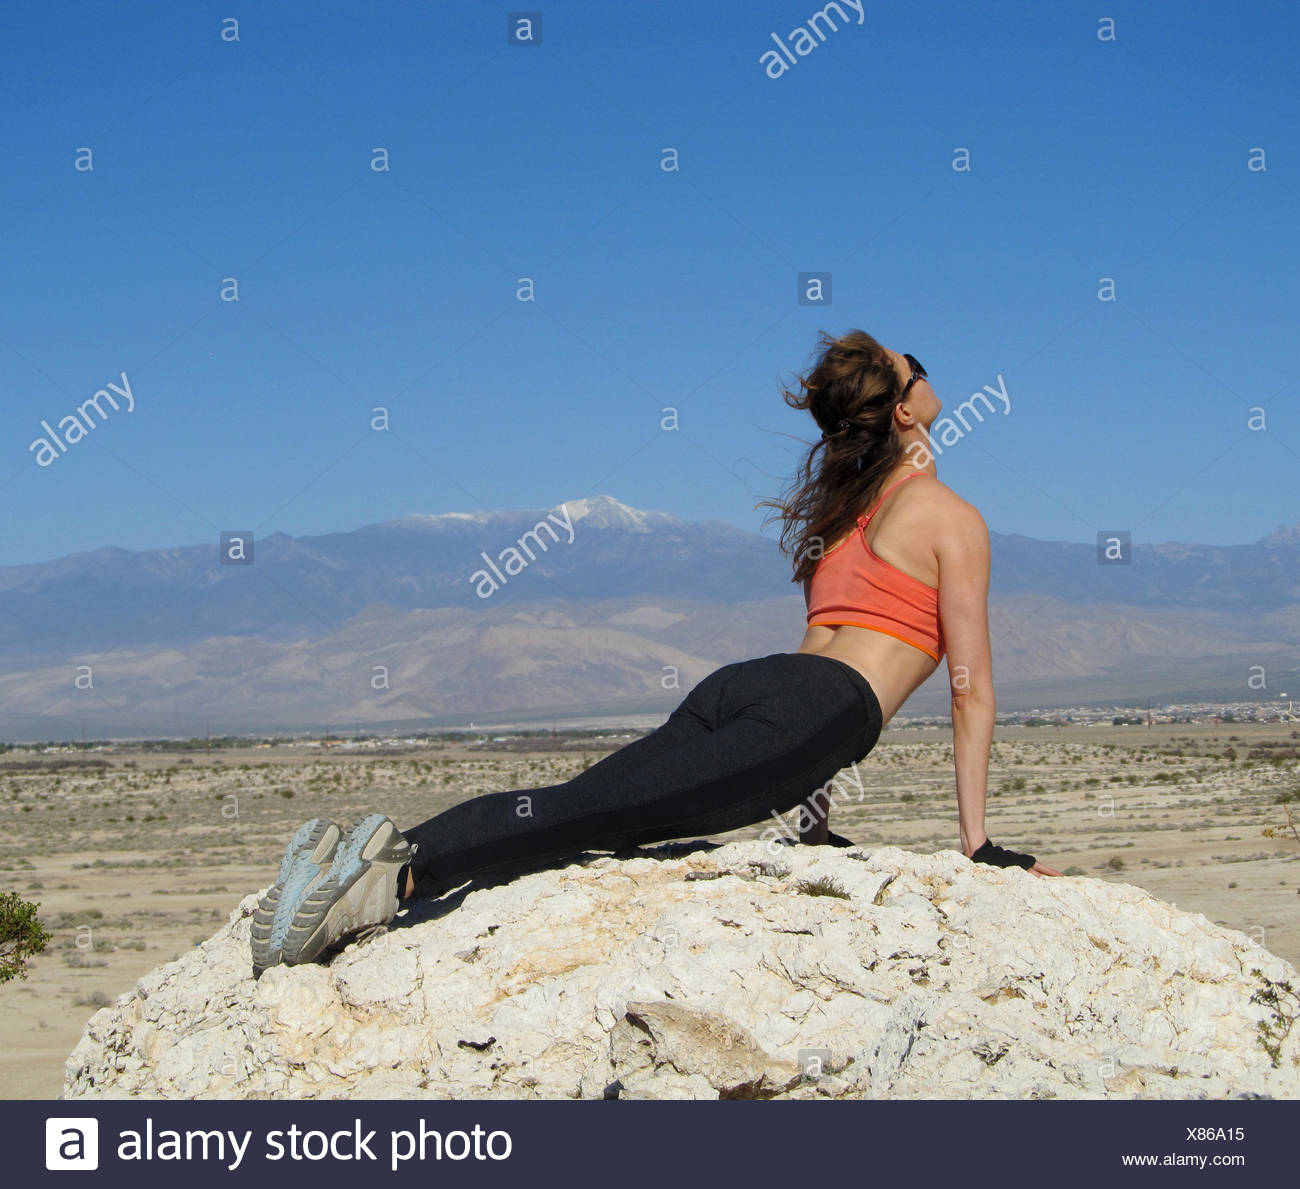 Femme faisant un cobra yoga pose sur un rocher dans le désert du Nevada, USA, Amérique, Photo Stock